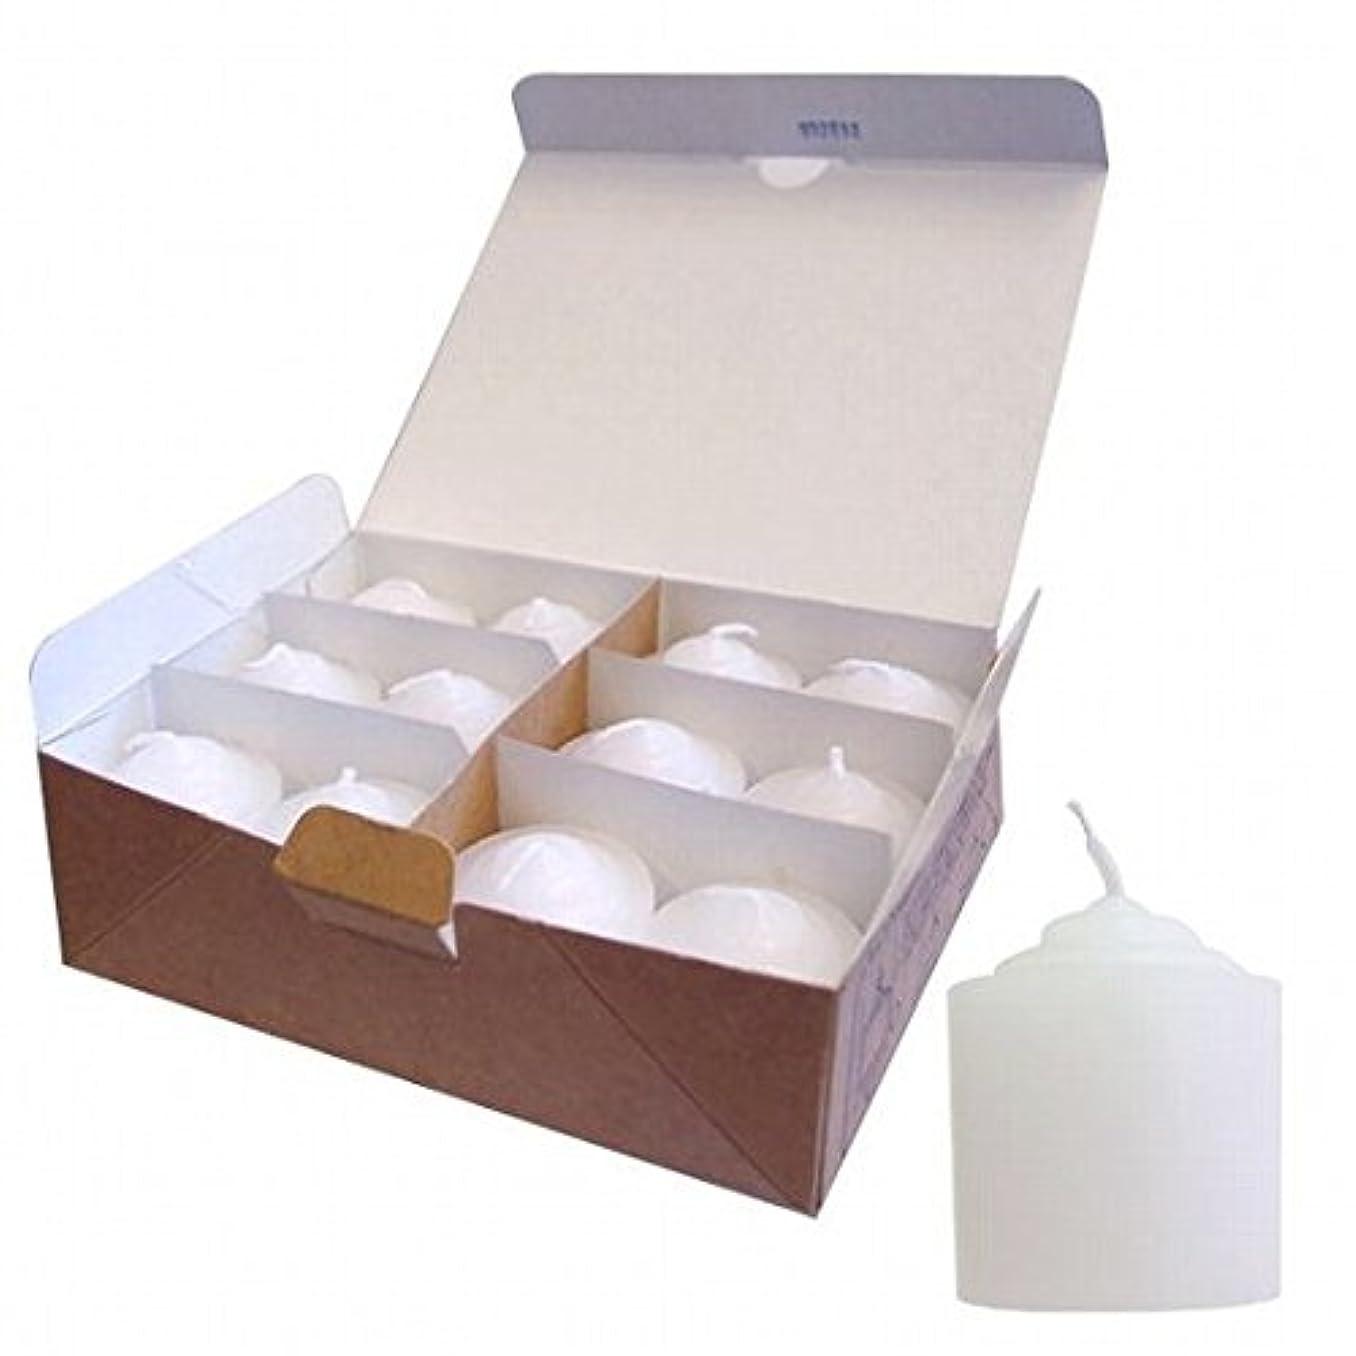 束想像力豊かなアトムkameyama candle(カメヤマキャンドル) 8Hライト(8時間タイプ)12個入り(77960088)